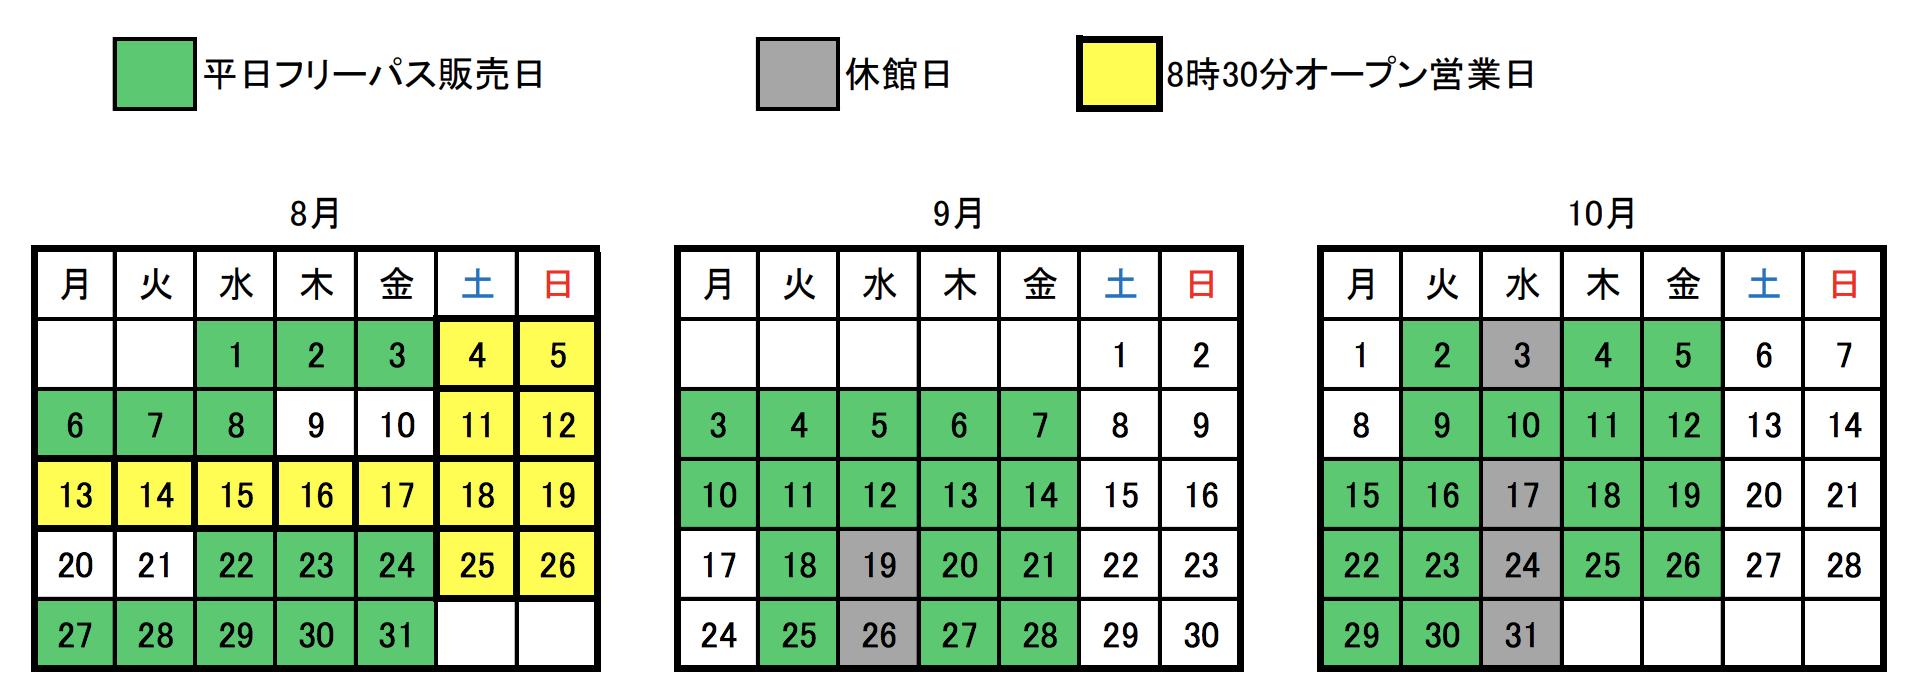 8月〜10月の平日フリーパス販売日カレンダー(HUGHUG公式HPより)